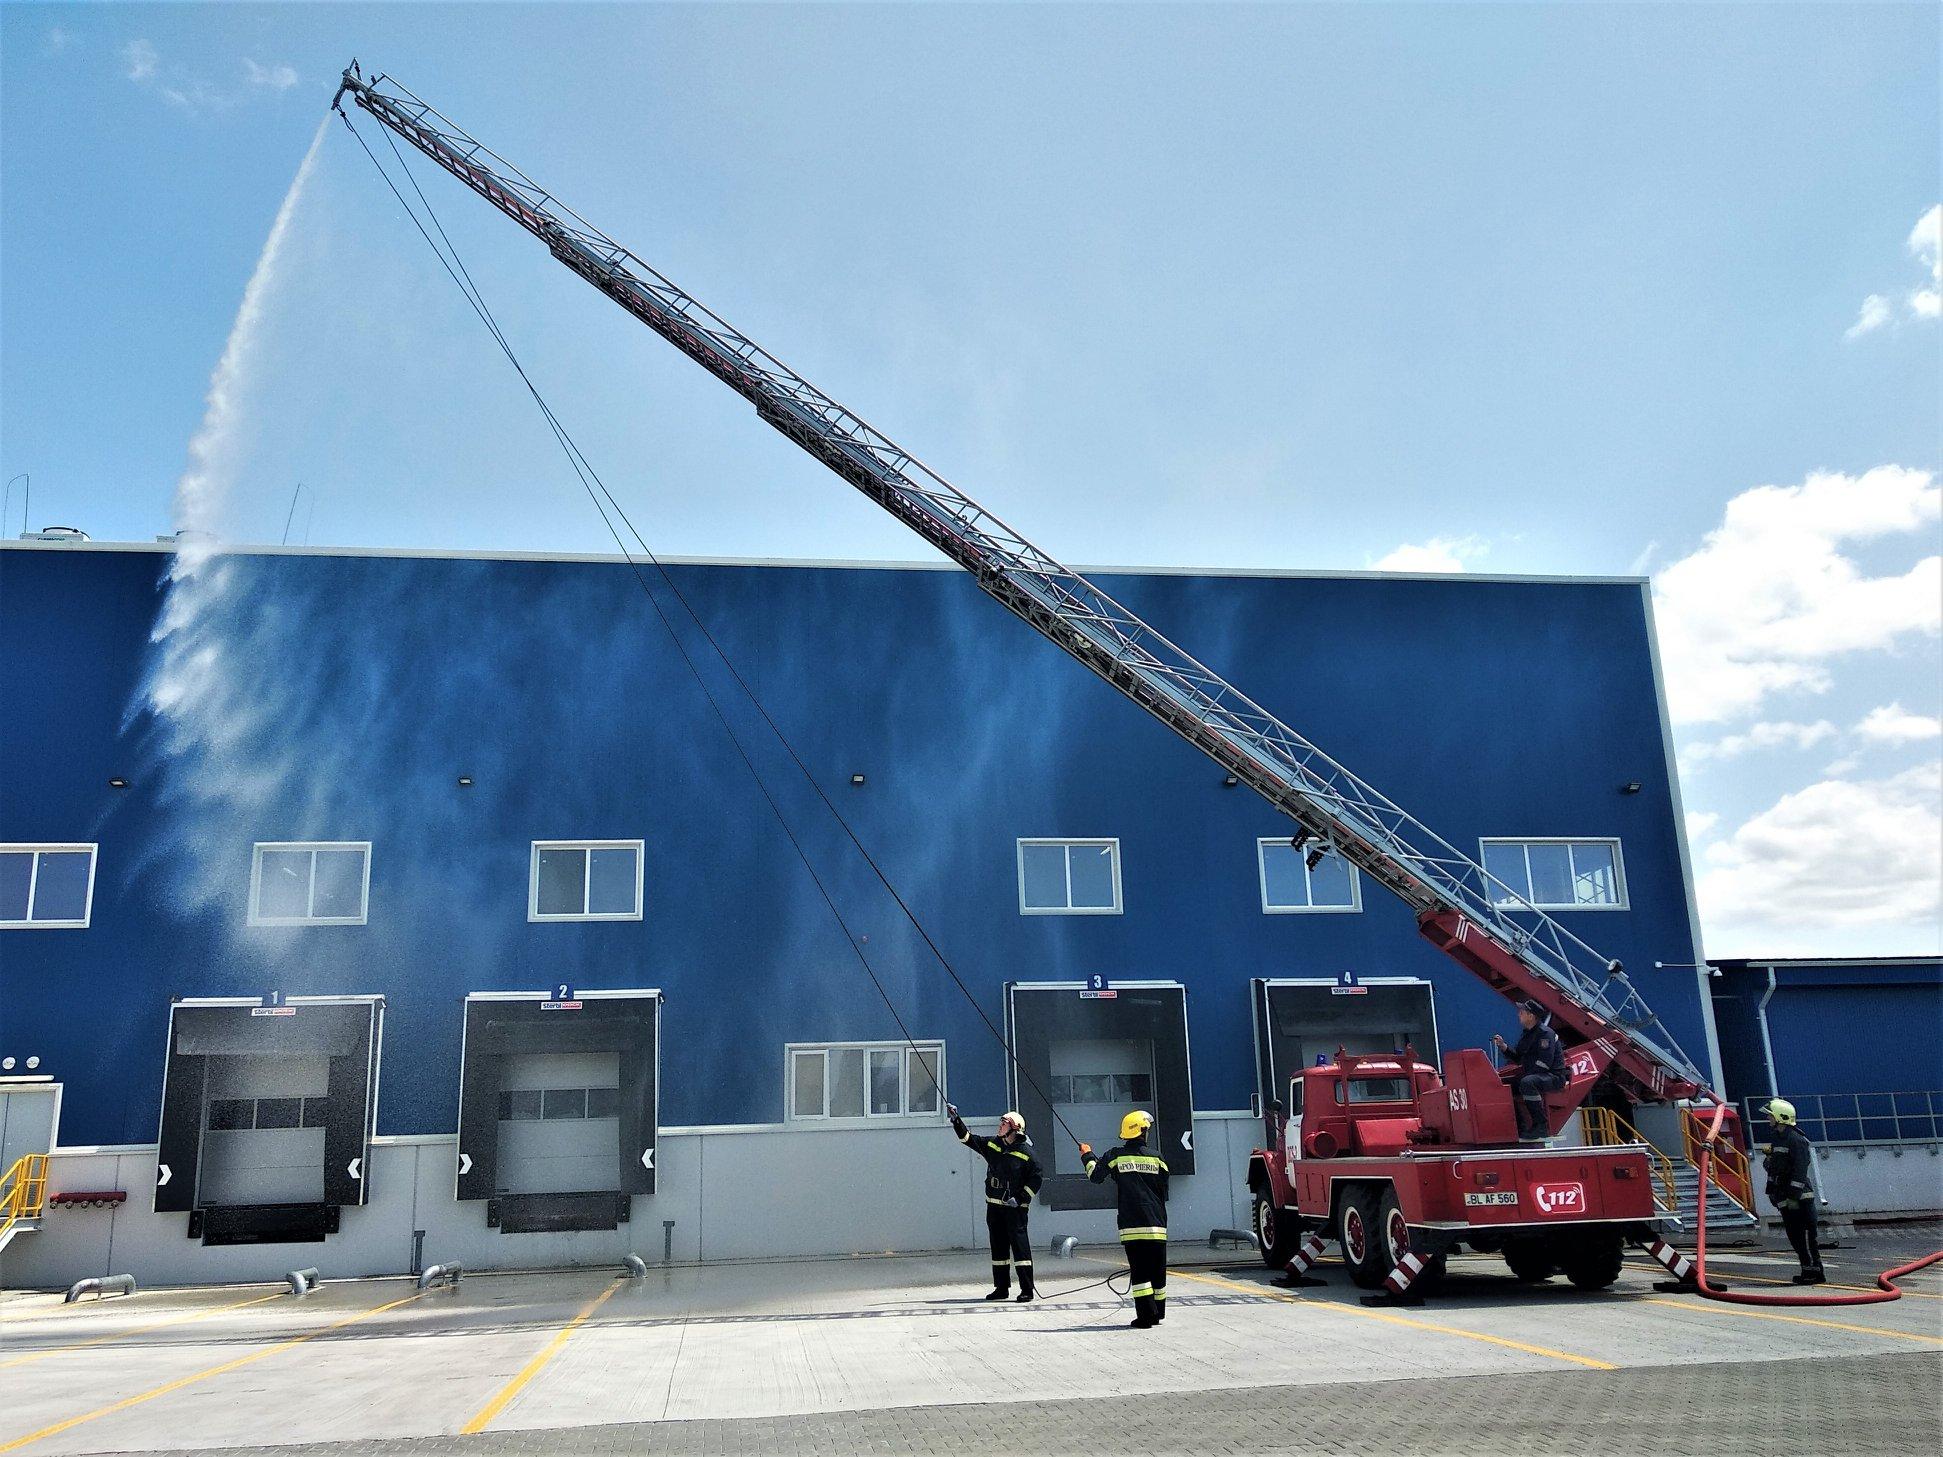 Pompierii din Bălți au simulat o situație de incendiu